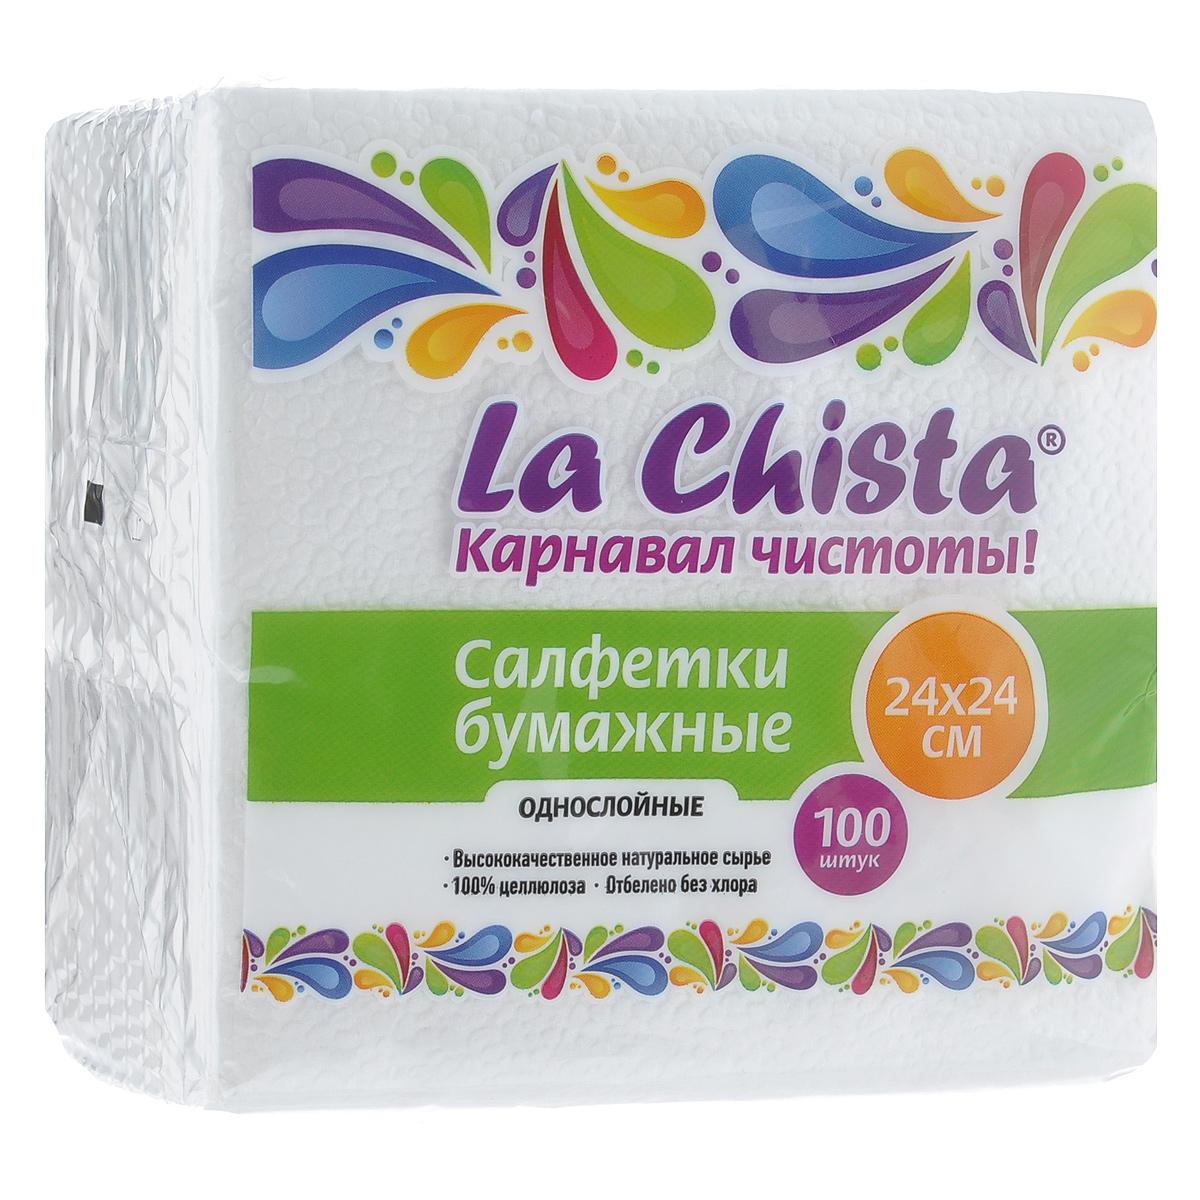 Салфетки бумажные La Chista, однослойные, 100 штS28 DCОднослойные салфетки La Chista выполнены из 100% целлюлозы. Салфетки подходят для косметического, санитарно-гигиенического и хозяйственного назначения. Нежные и мягкие. Салфетки украшены узором.Размер салфеток: 24 см х 24 см